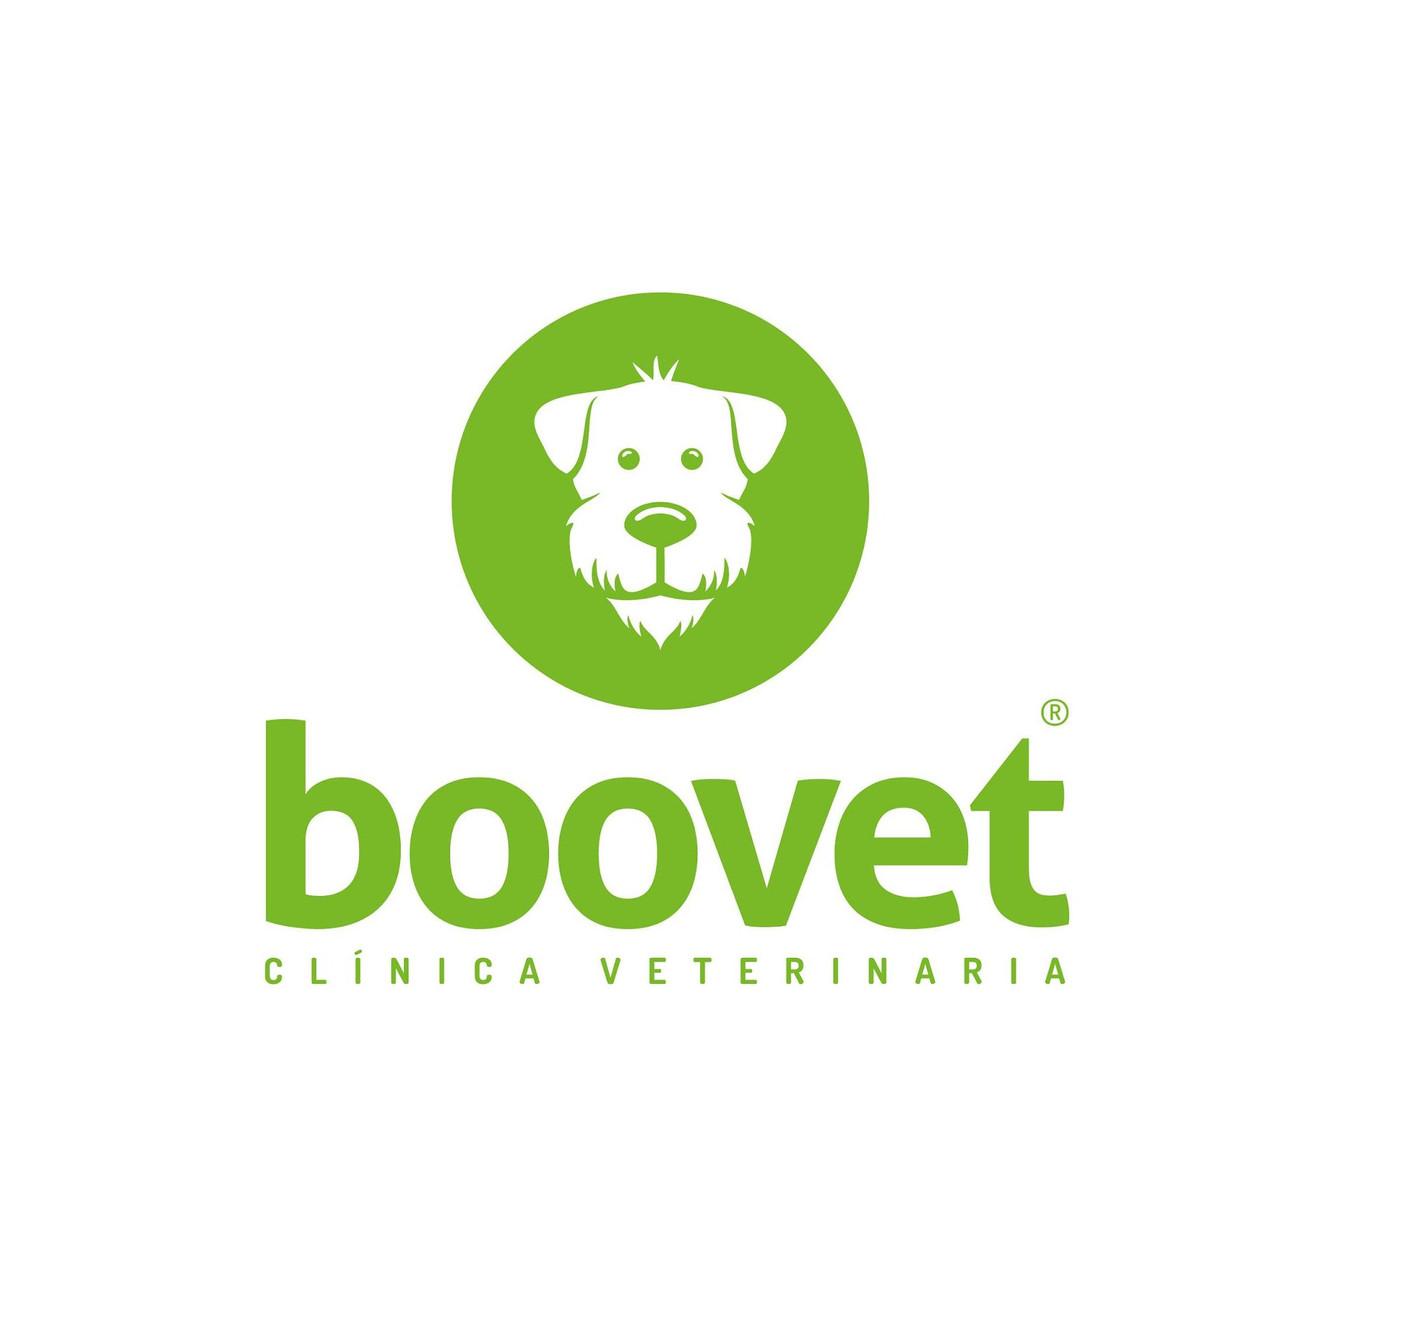 (c) Boovet.net